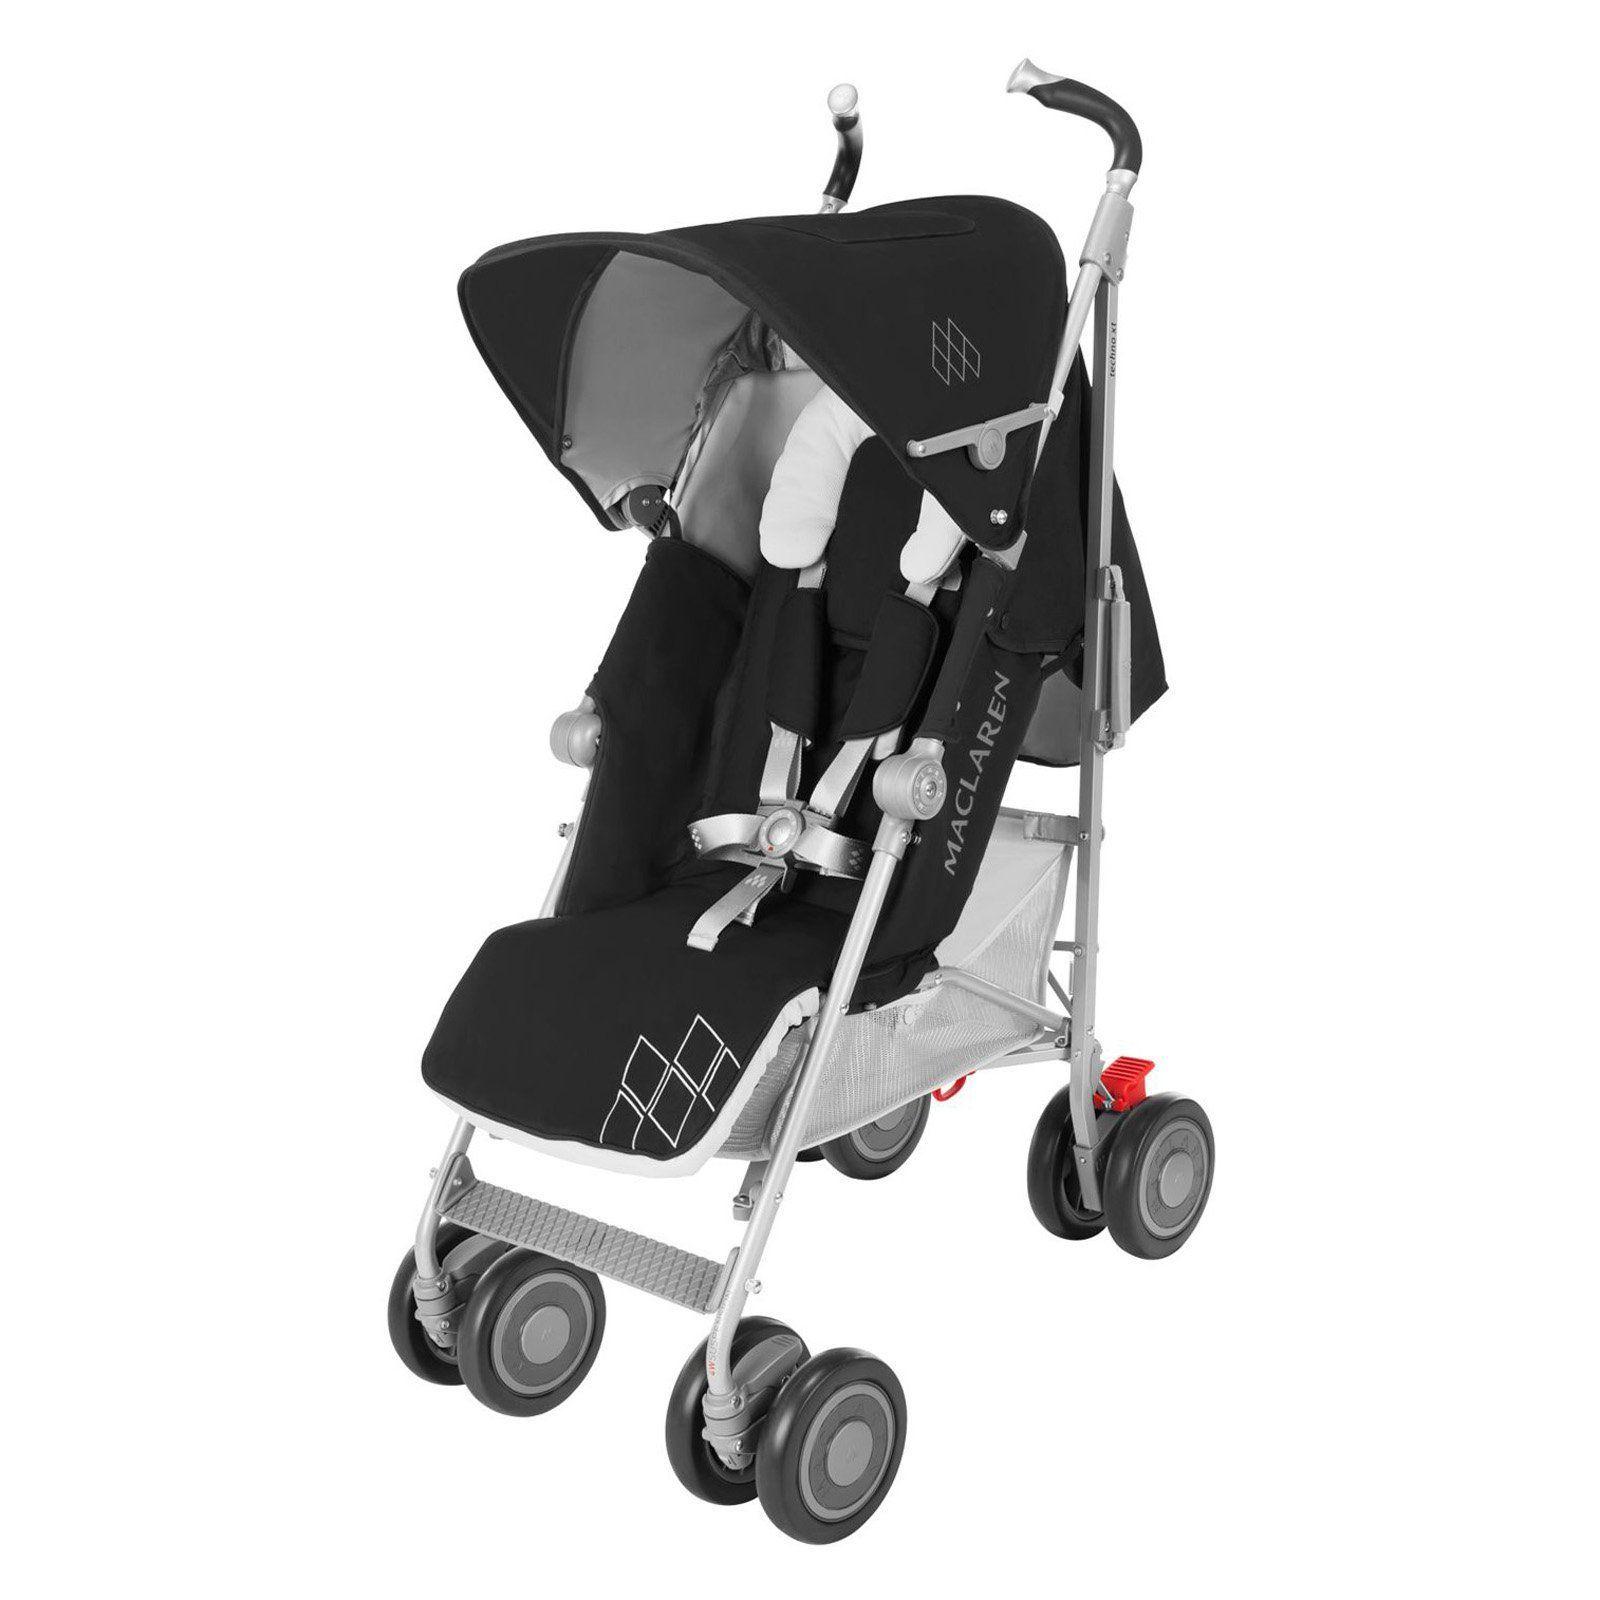 Baby strollers image by Maclaren on Maclaren Techno